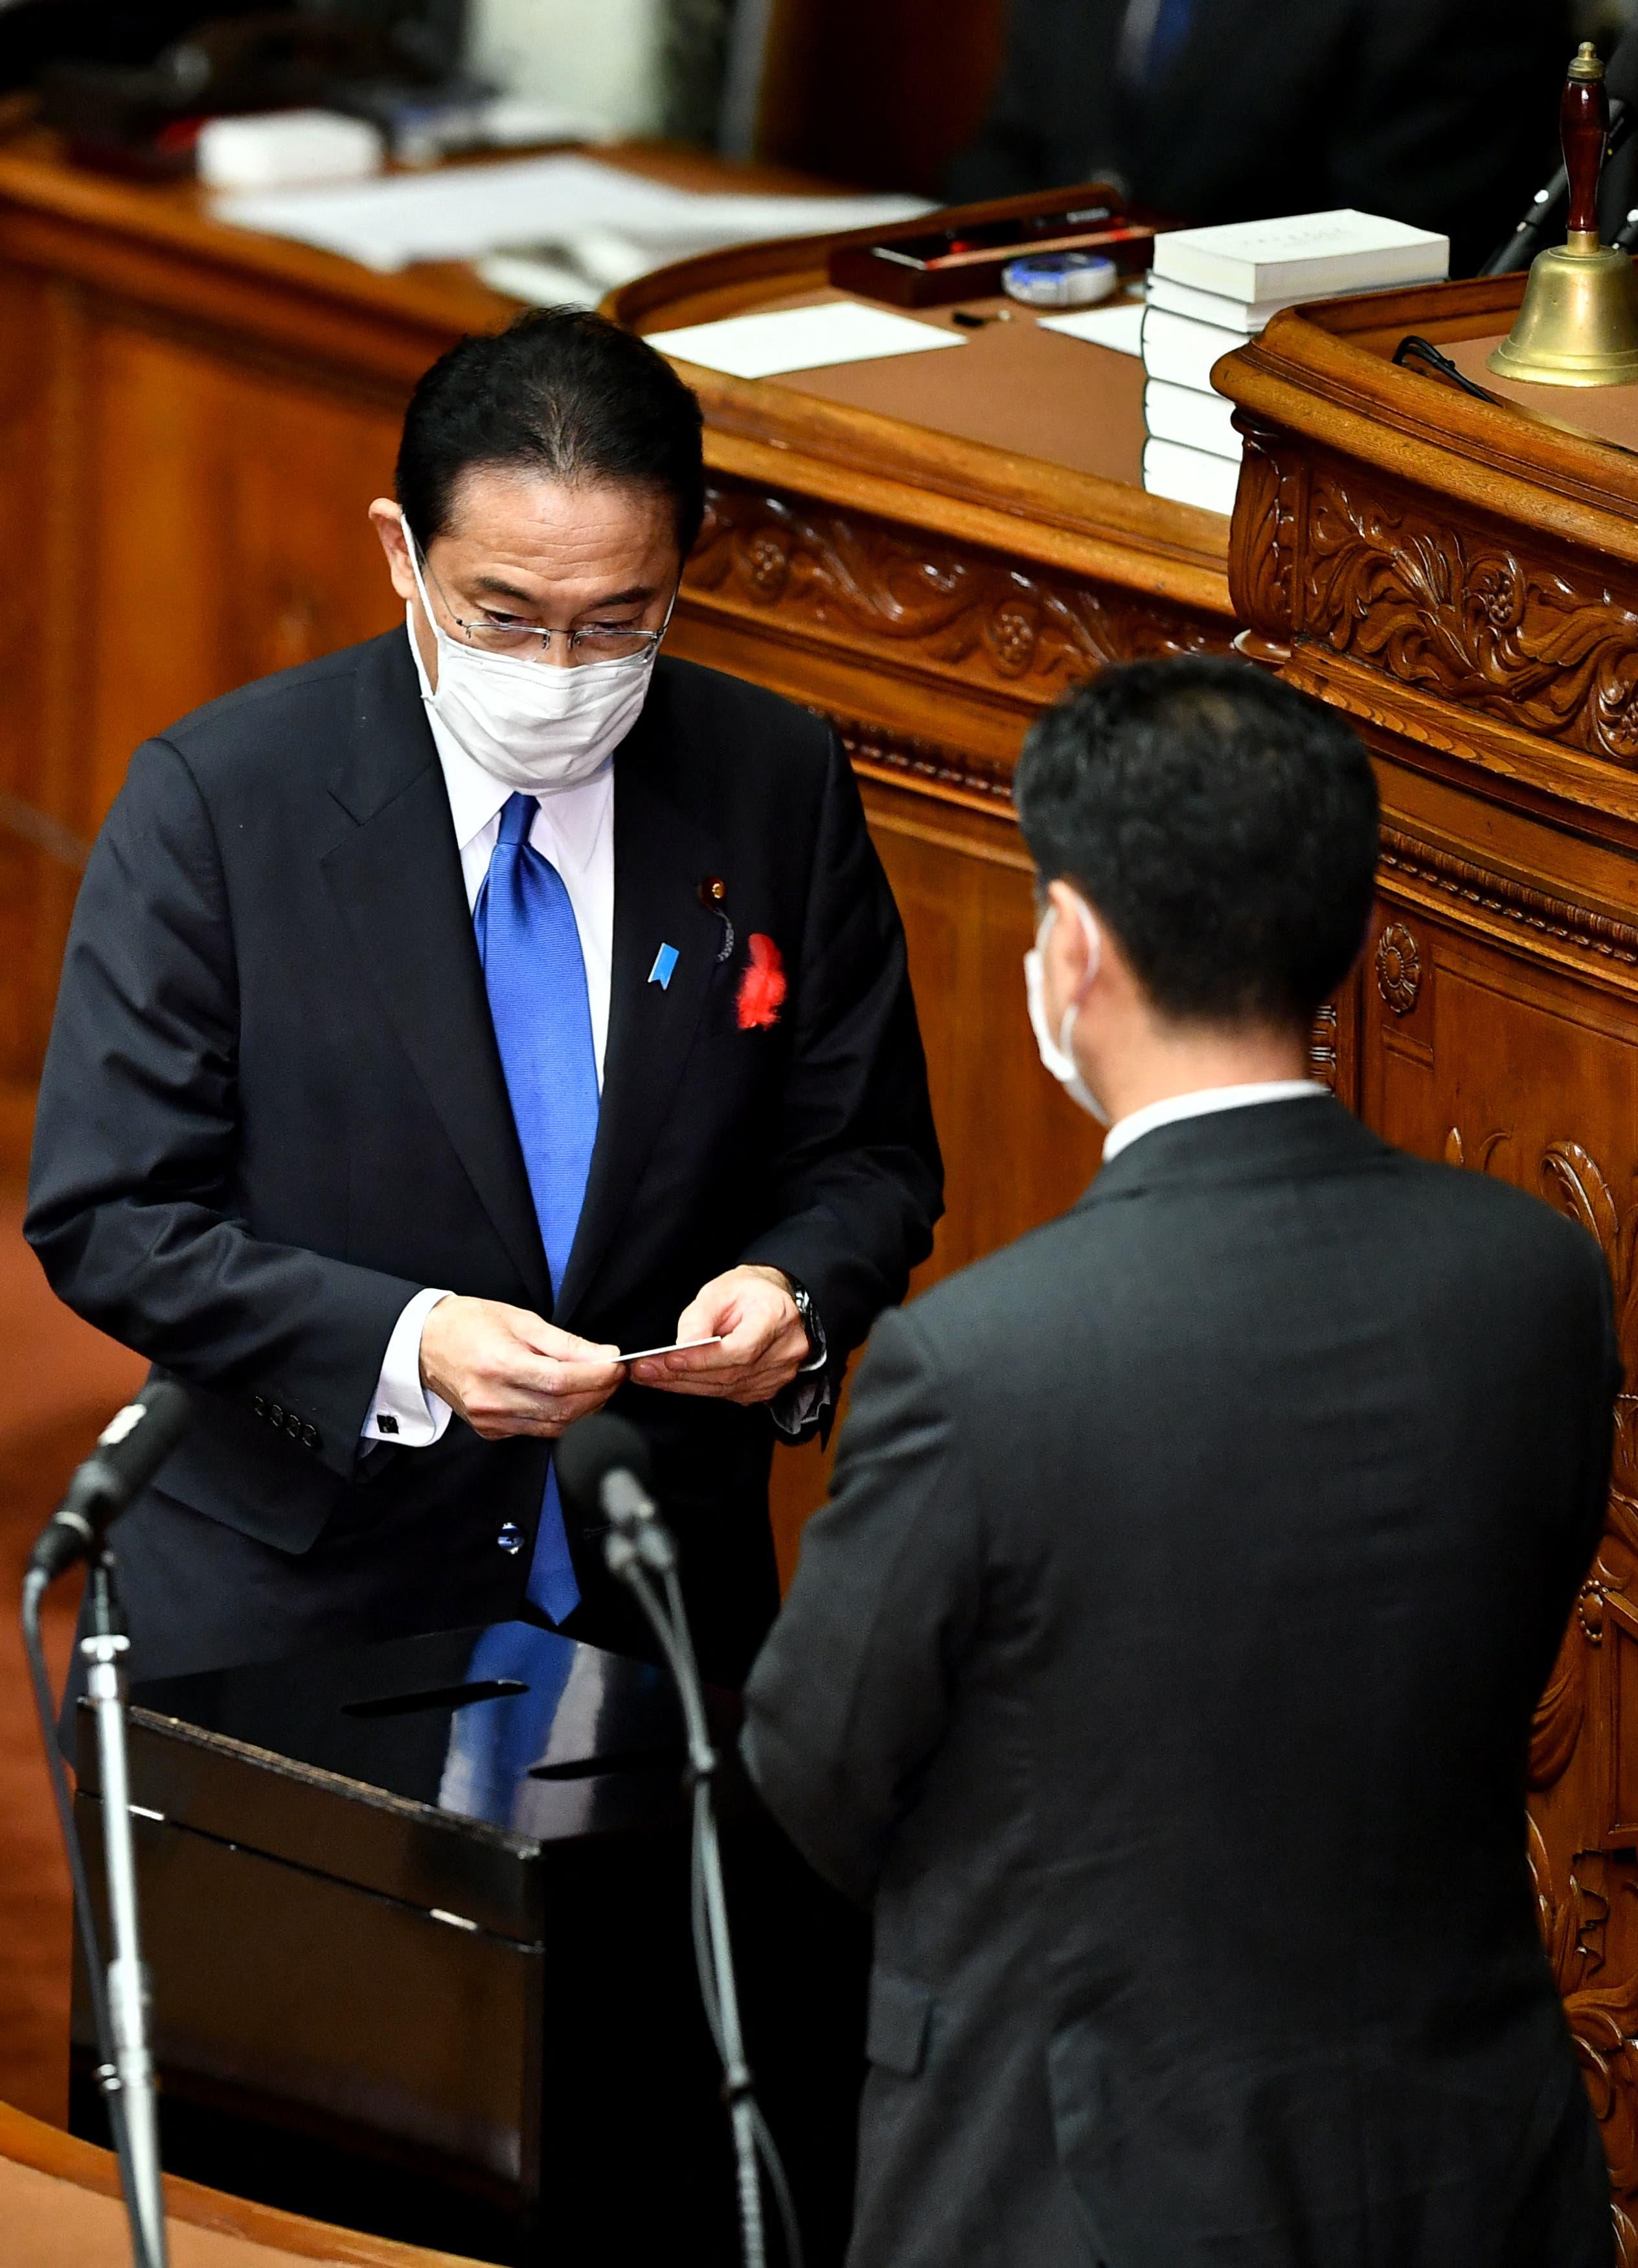 كيشيدا يدلي بصوته في البرلمان اليوم